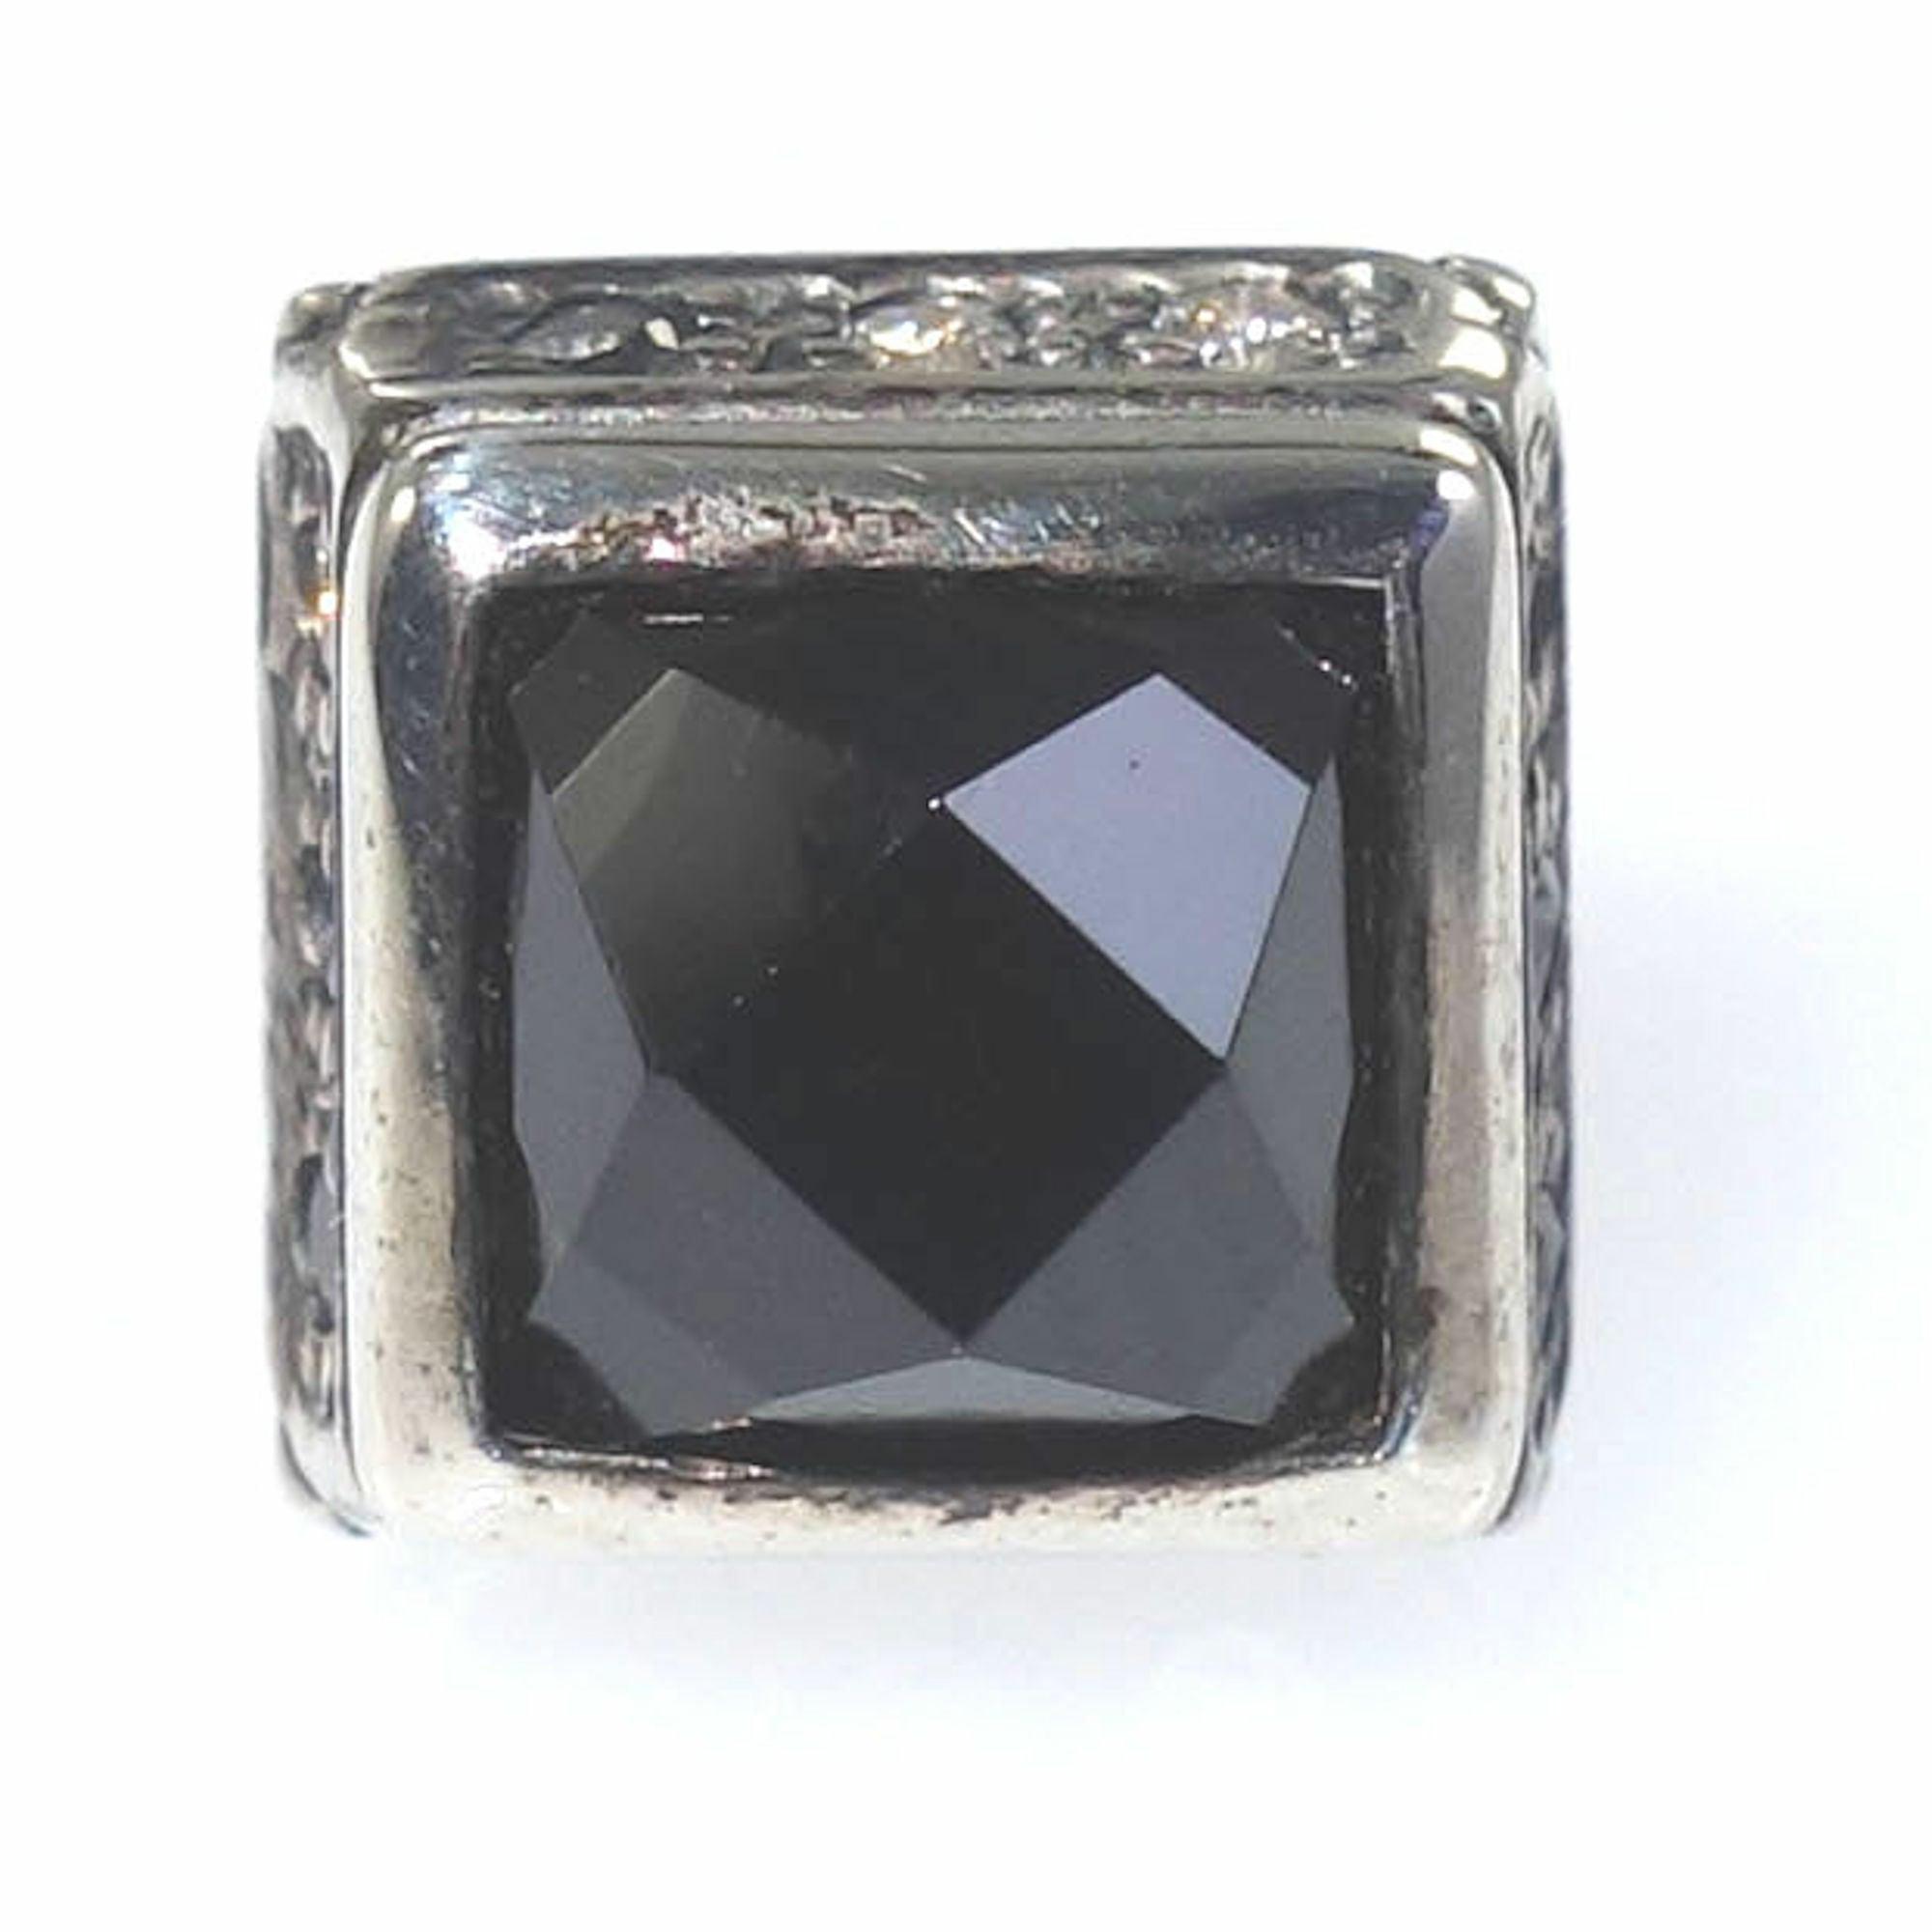 スクエアオニキススタッドピアス ACSE0020BK Square onyx stud earrings